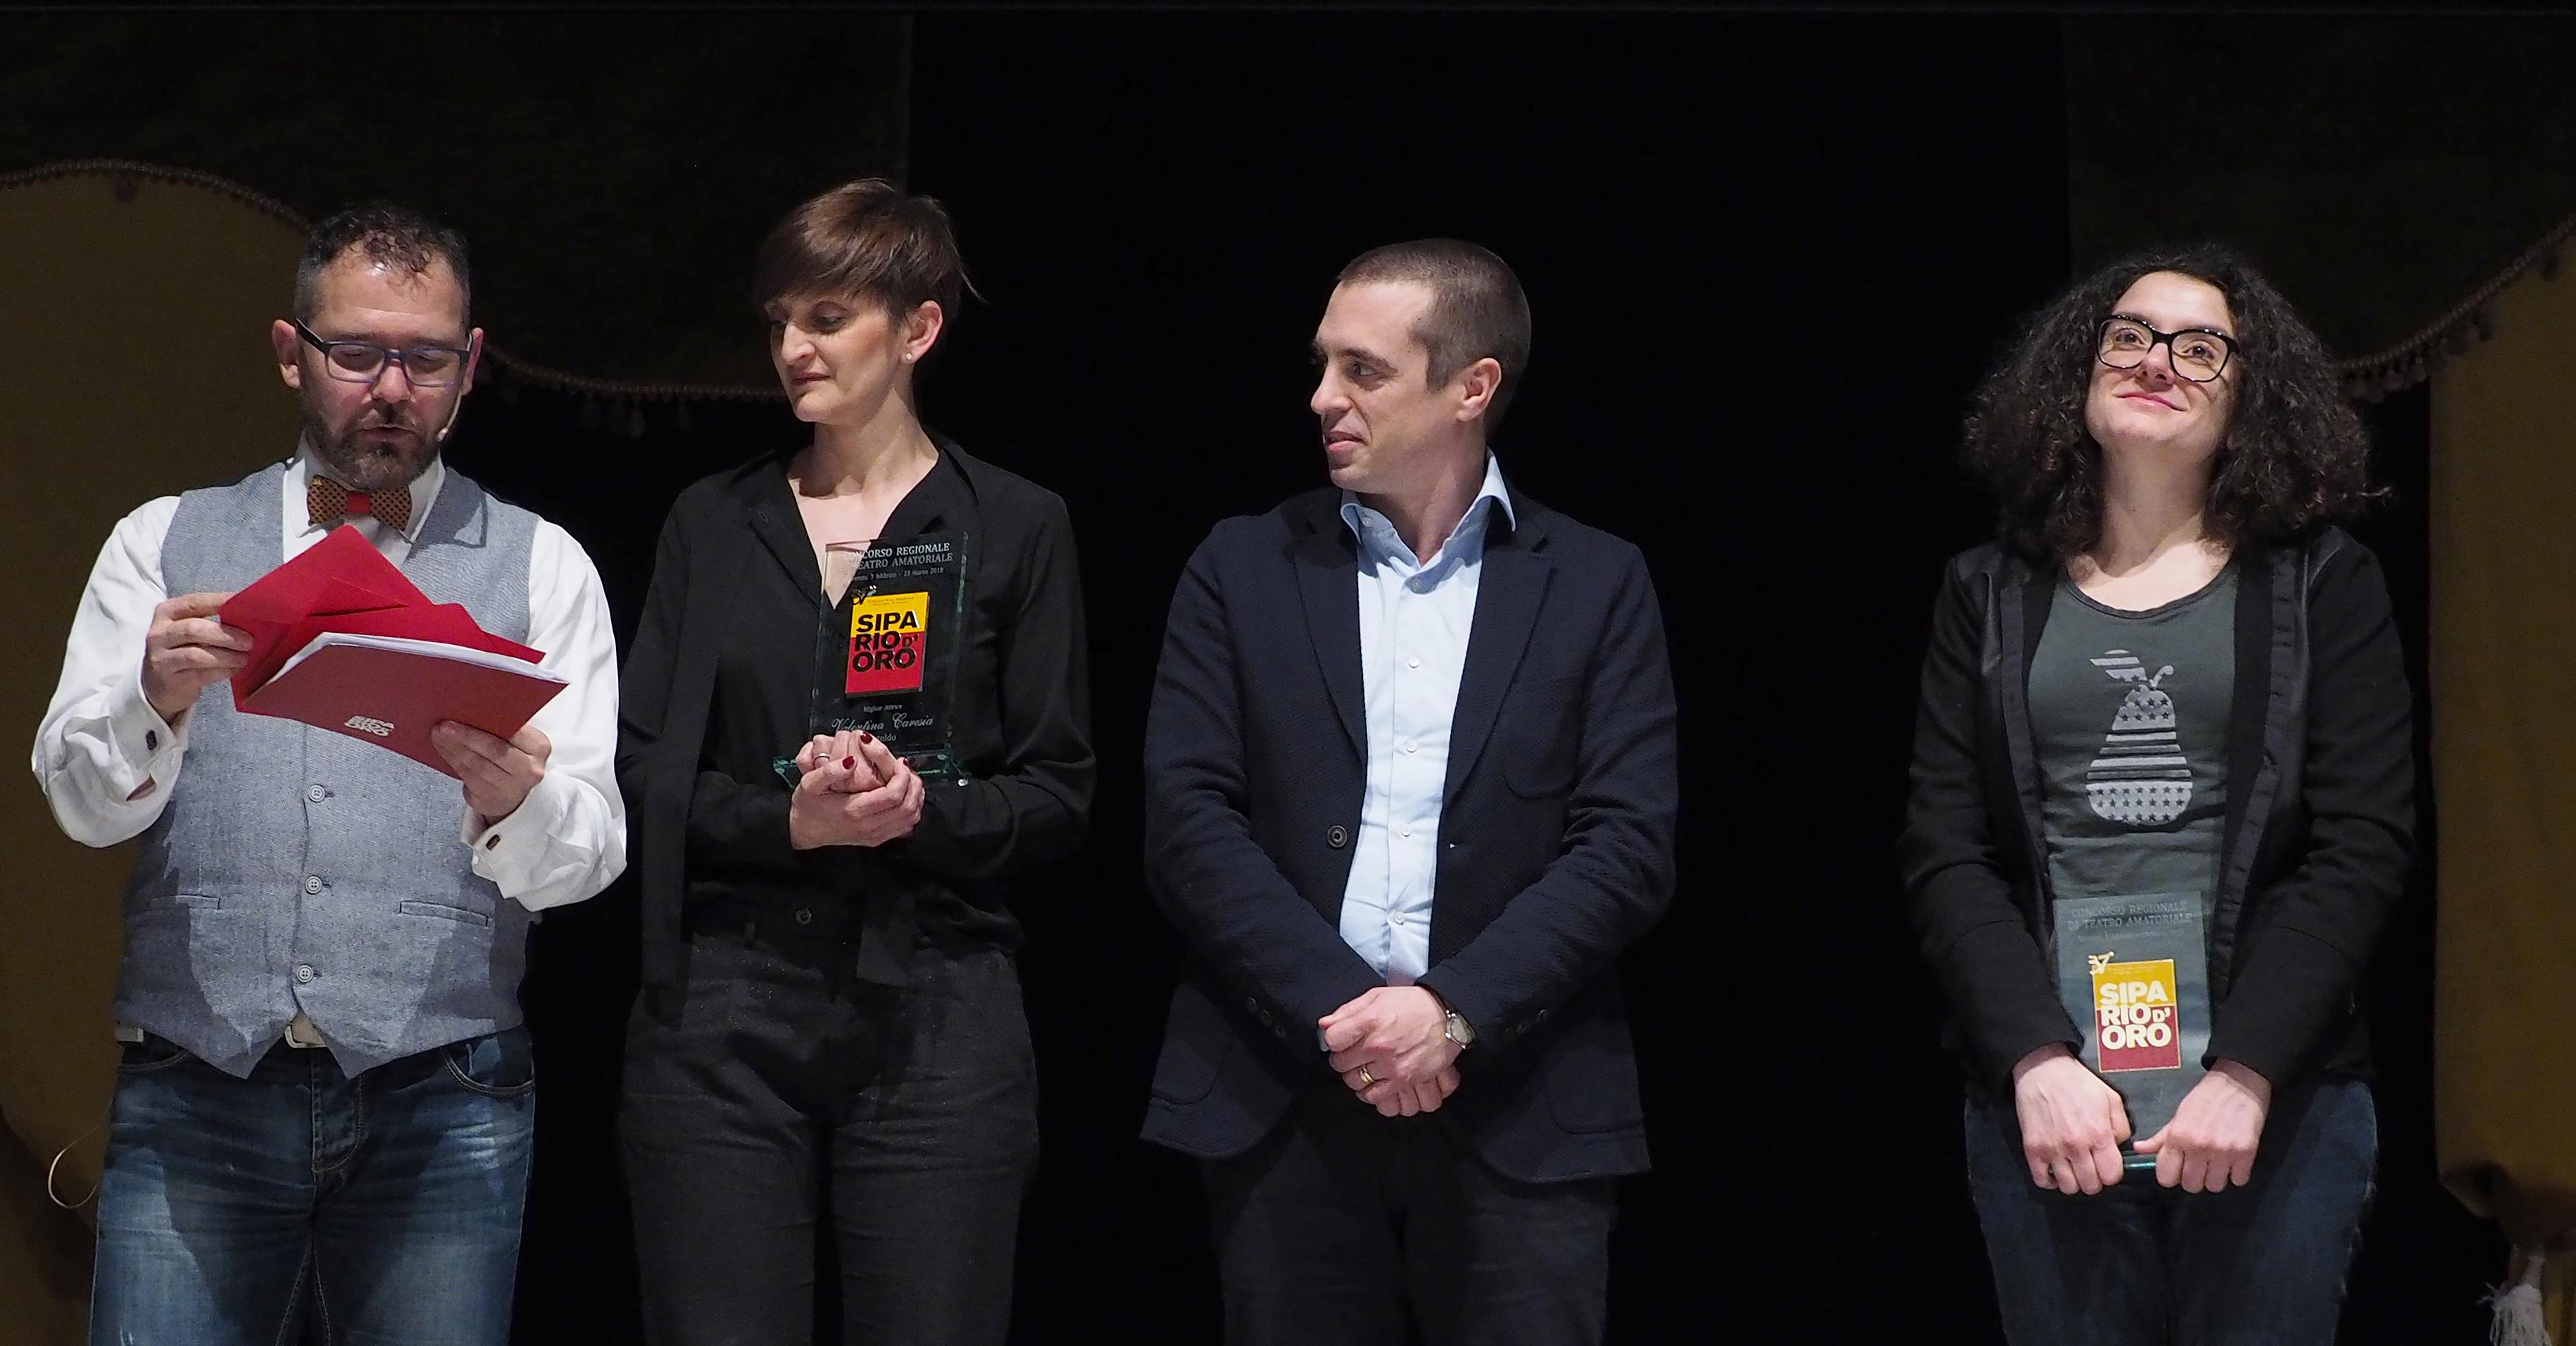 Migliori Attrici ex aequo - Regionale - Valentina Caresia Filo S.Martino e  Francesca Guardino della Compagnia G.Modena